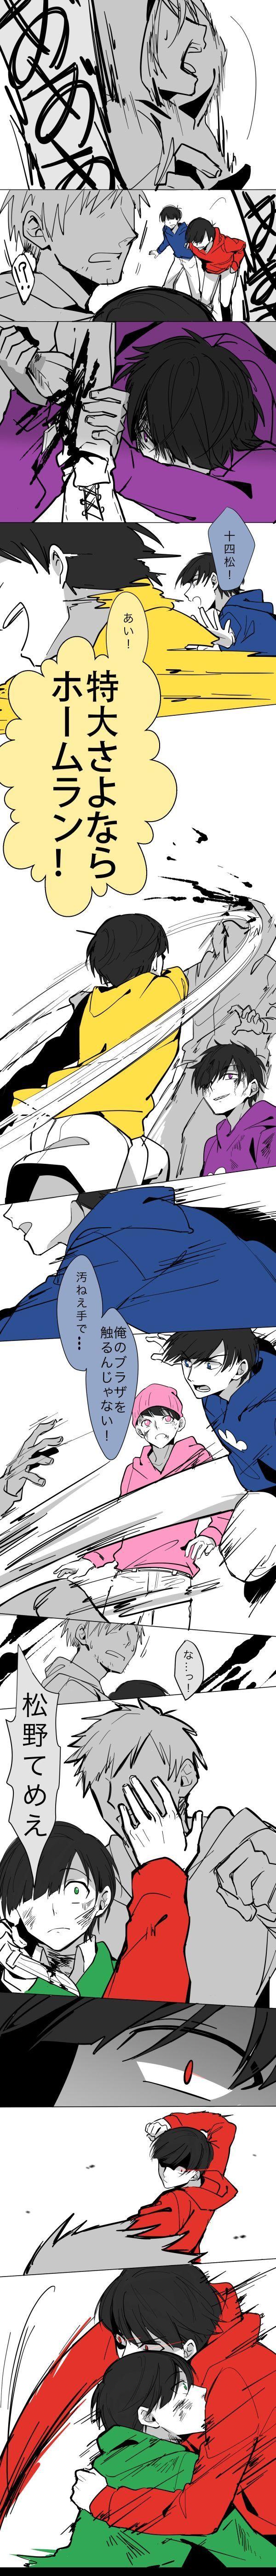 (3/4) Osomatsu-san- Osomatsu, Karamatsu, Choromatsu, Ichimatsu, Jyushimatsu, and Todomatsu #Anime「♡」